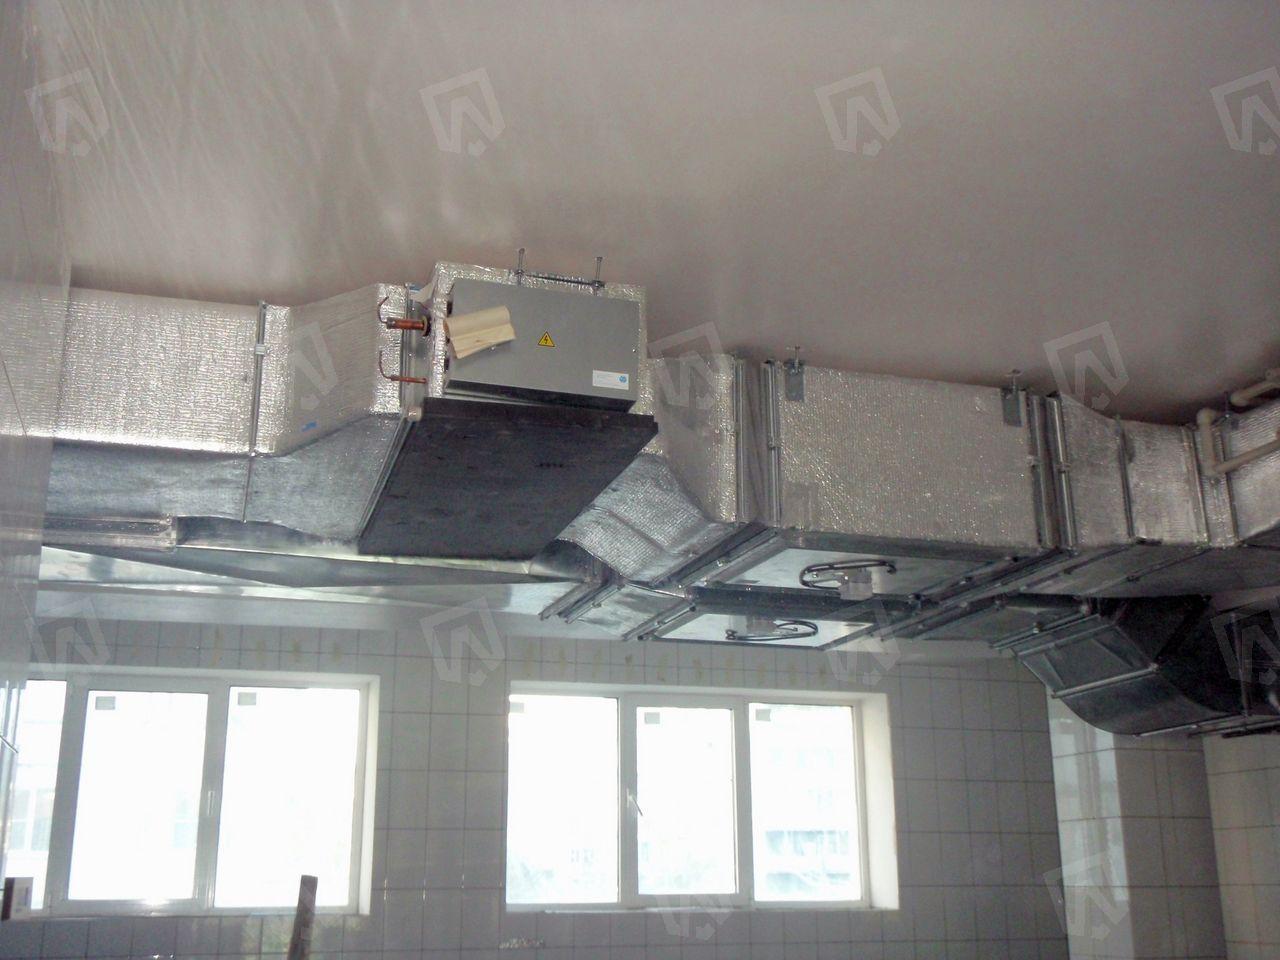 Для охлаждения наружного воздуха мы используем внутренний блок канального типа Mitsubishi Electric с инверторным управлением серии Standart Inverter